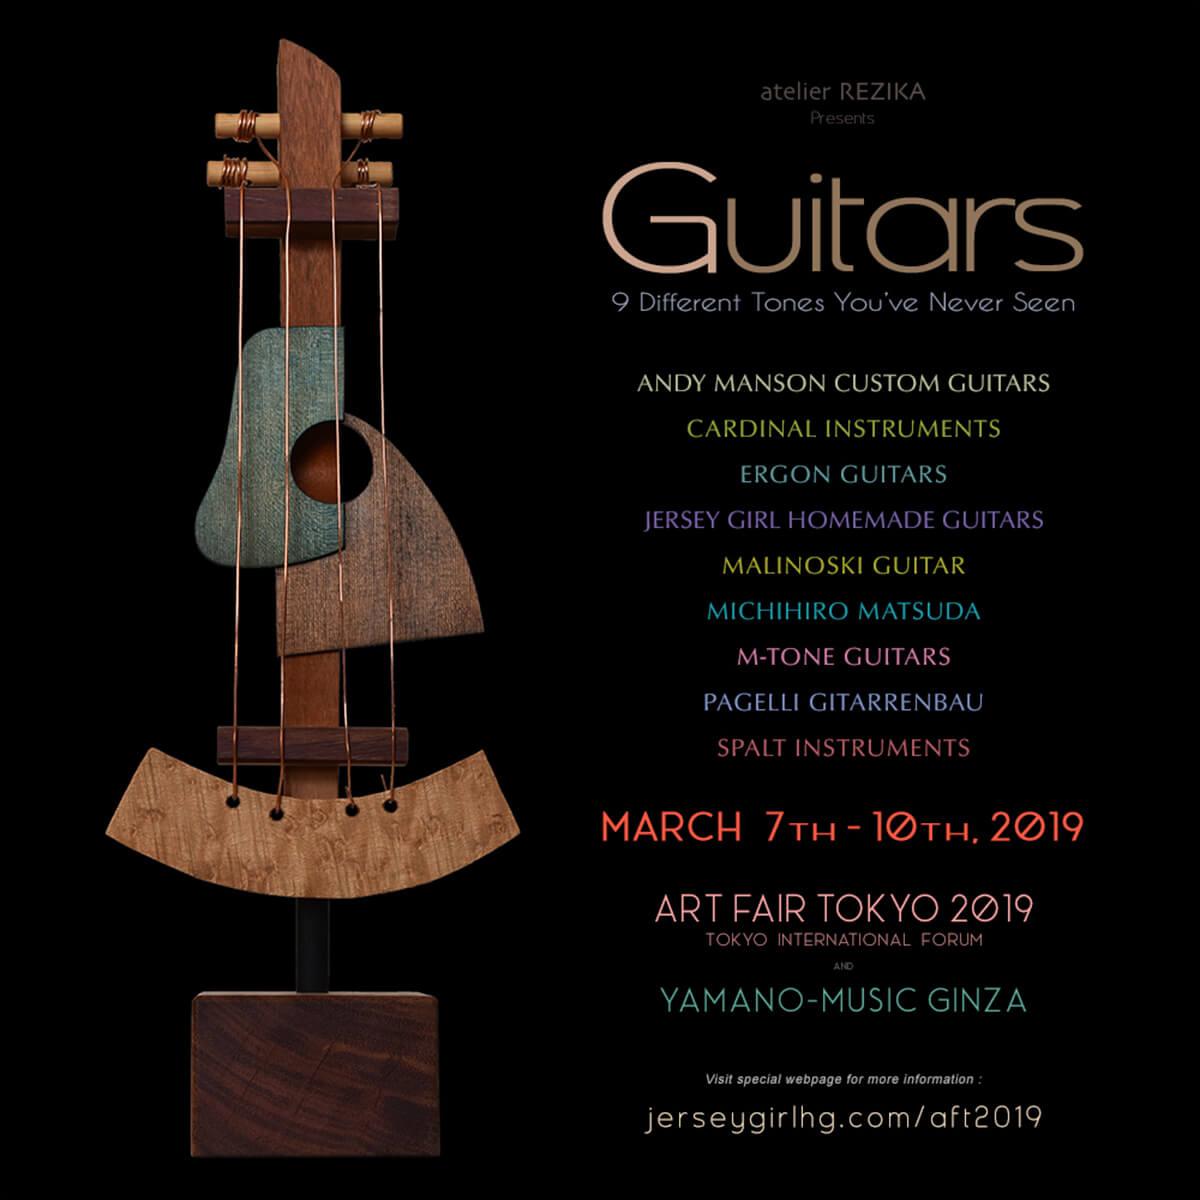 """まるで芸術品のようなギターを鑑賞できるイベント""""Guitars – 9 Different Tones You've Never Seen""""がアートフェア東京2019にて開催!"""